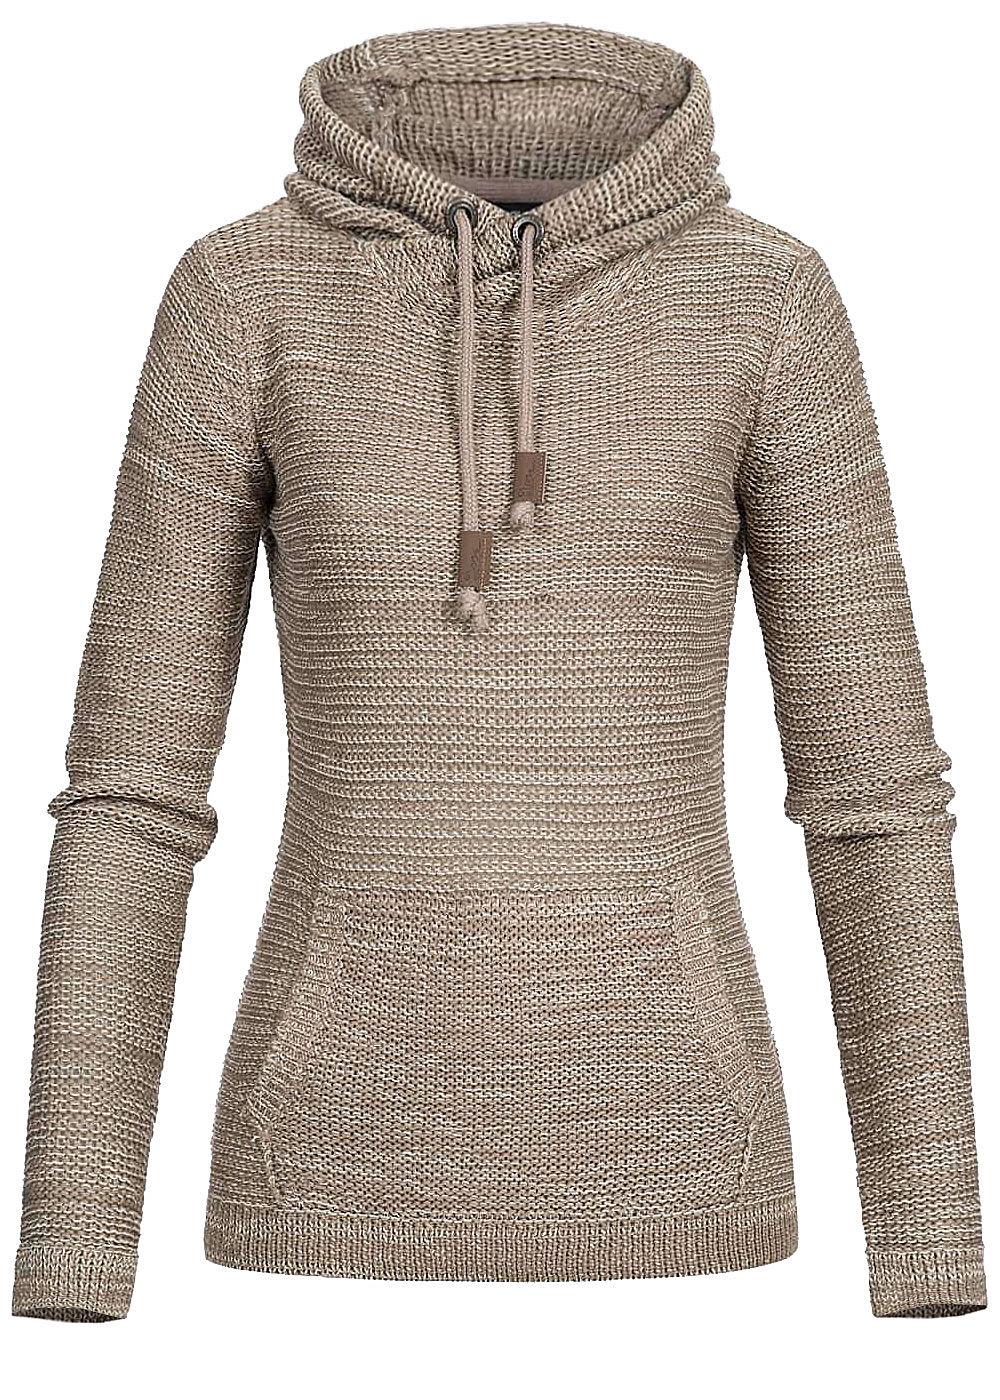 Sweater Defuzzer